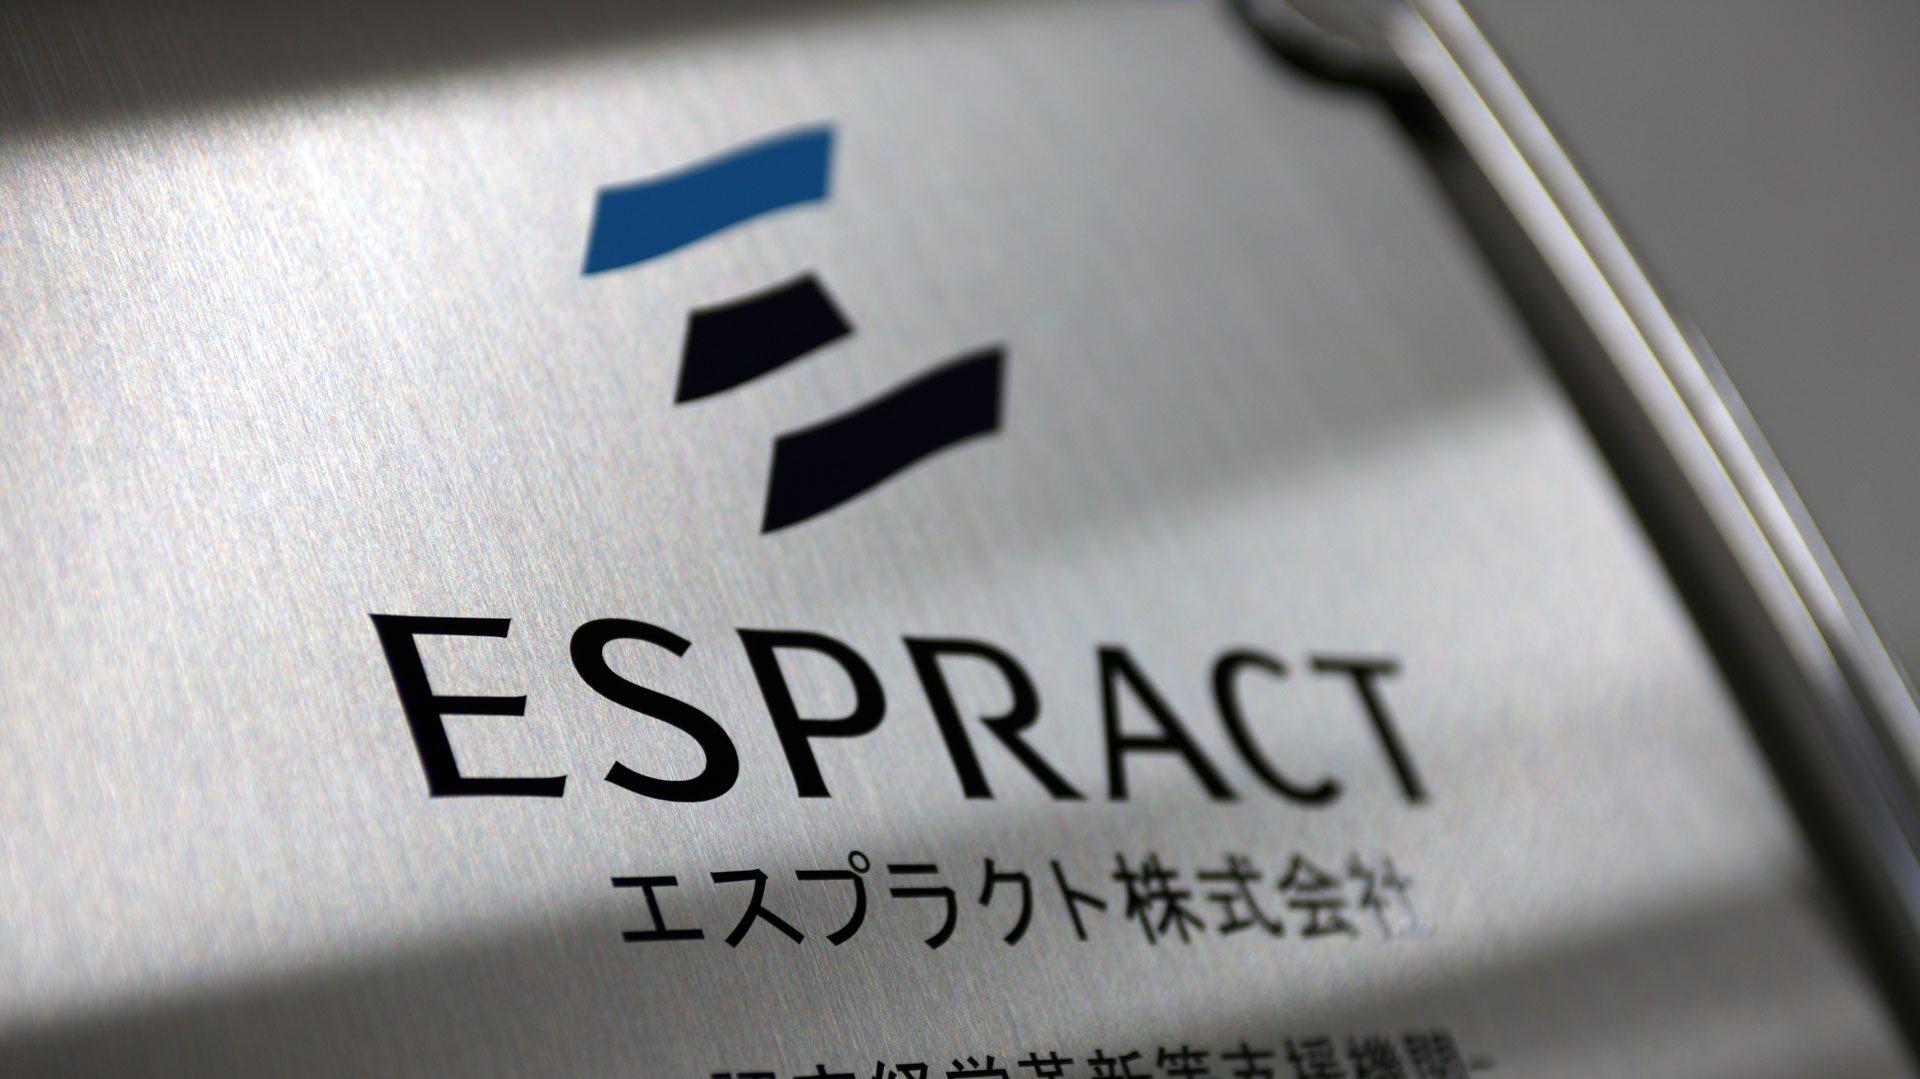 エスプラクト|公式企業サイト